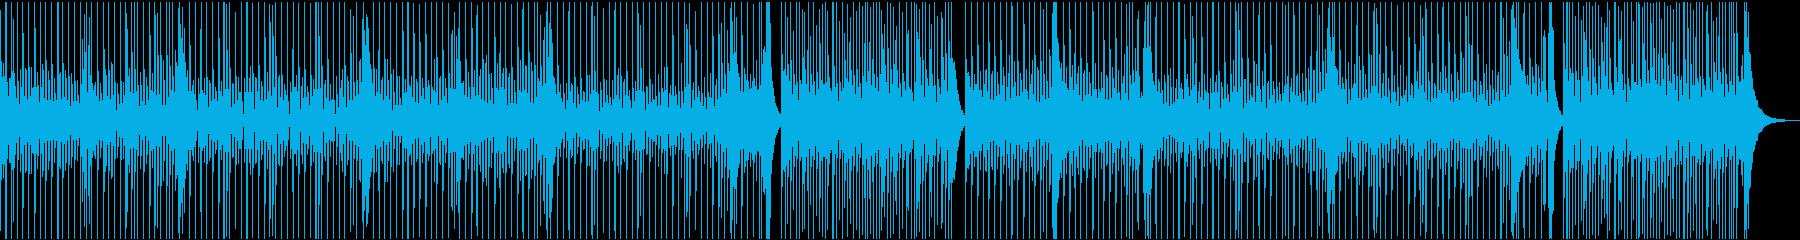 生録音ドラムフレーズその①の再生済みの波形